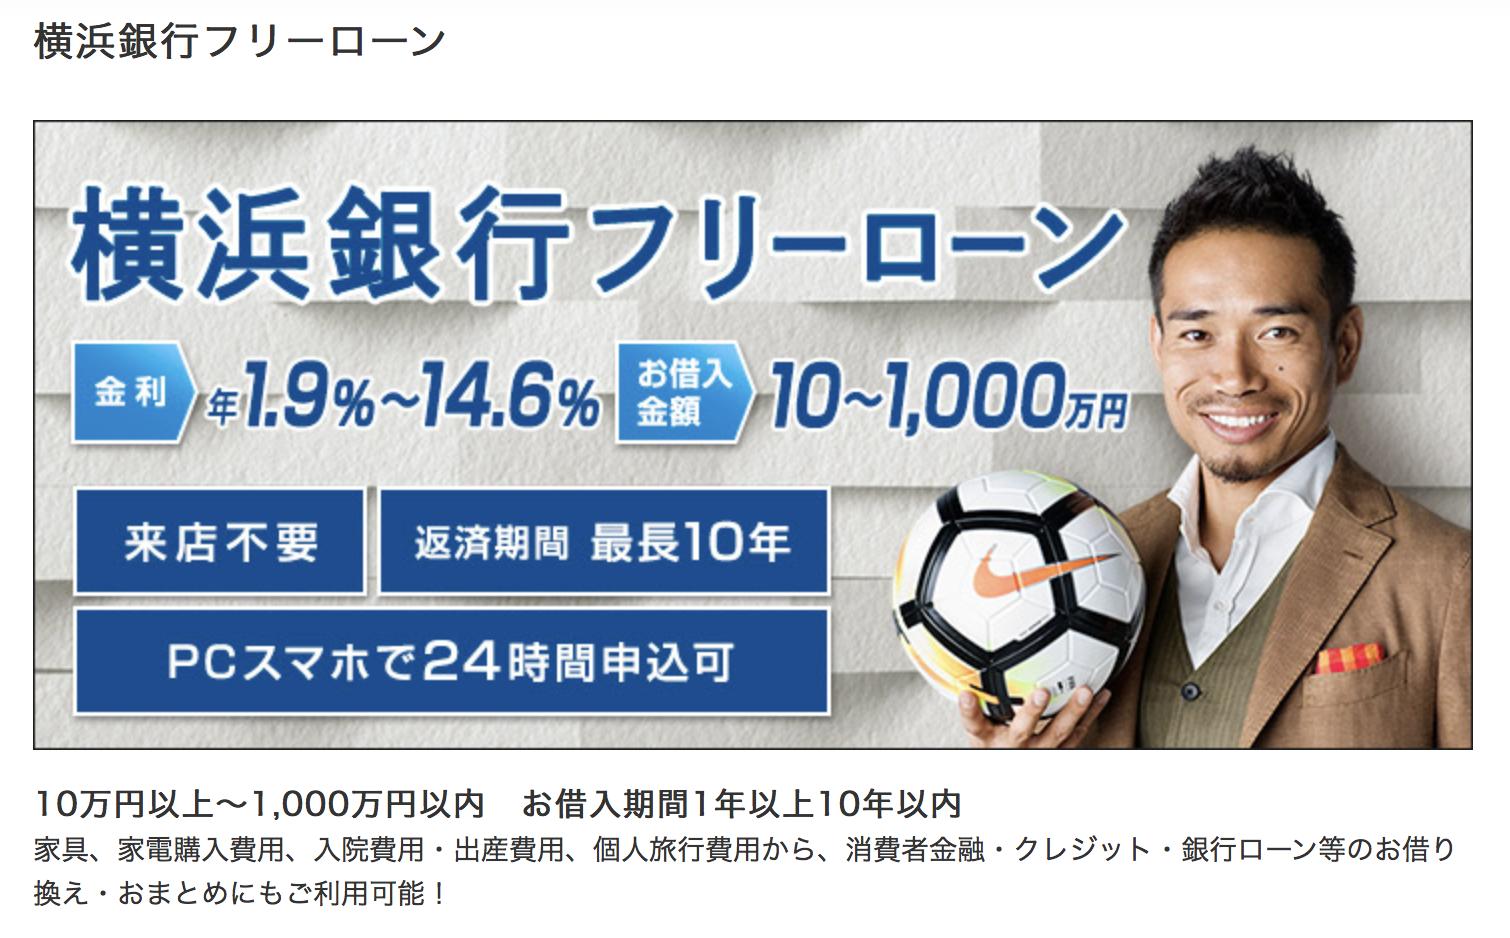 おまとめローン㉚ 横浜銀行